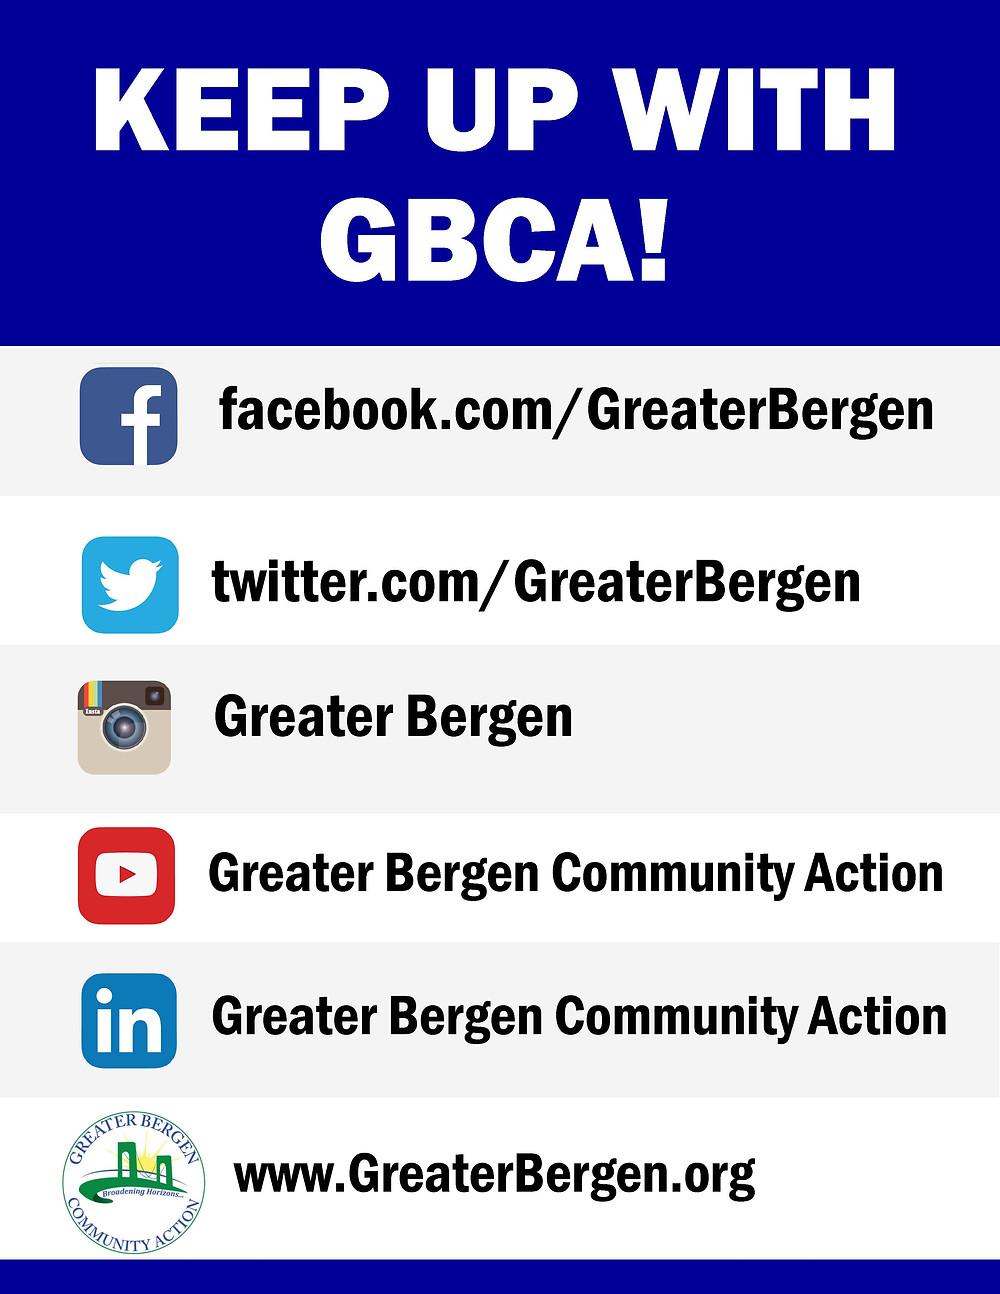 KEEP UP WITH GBCA!